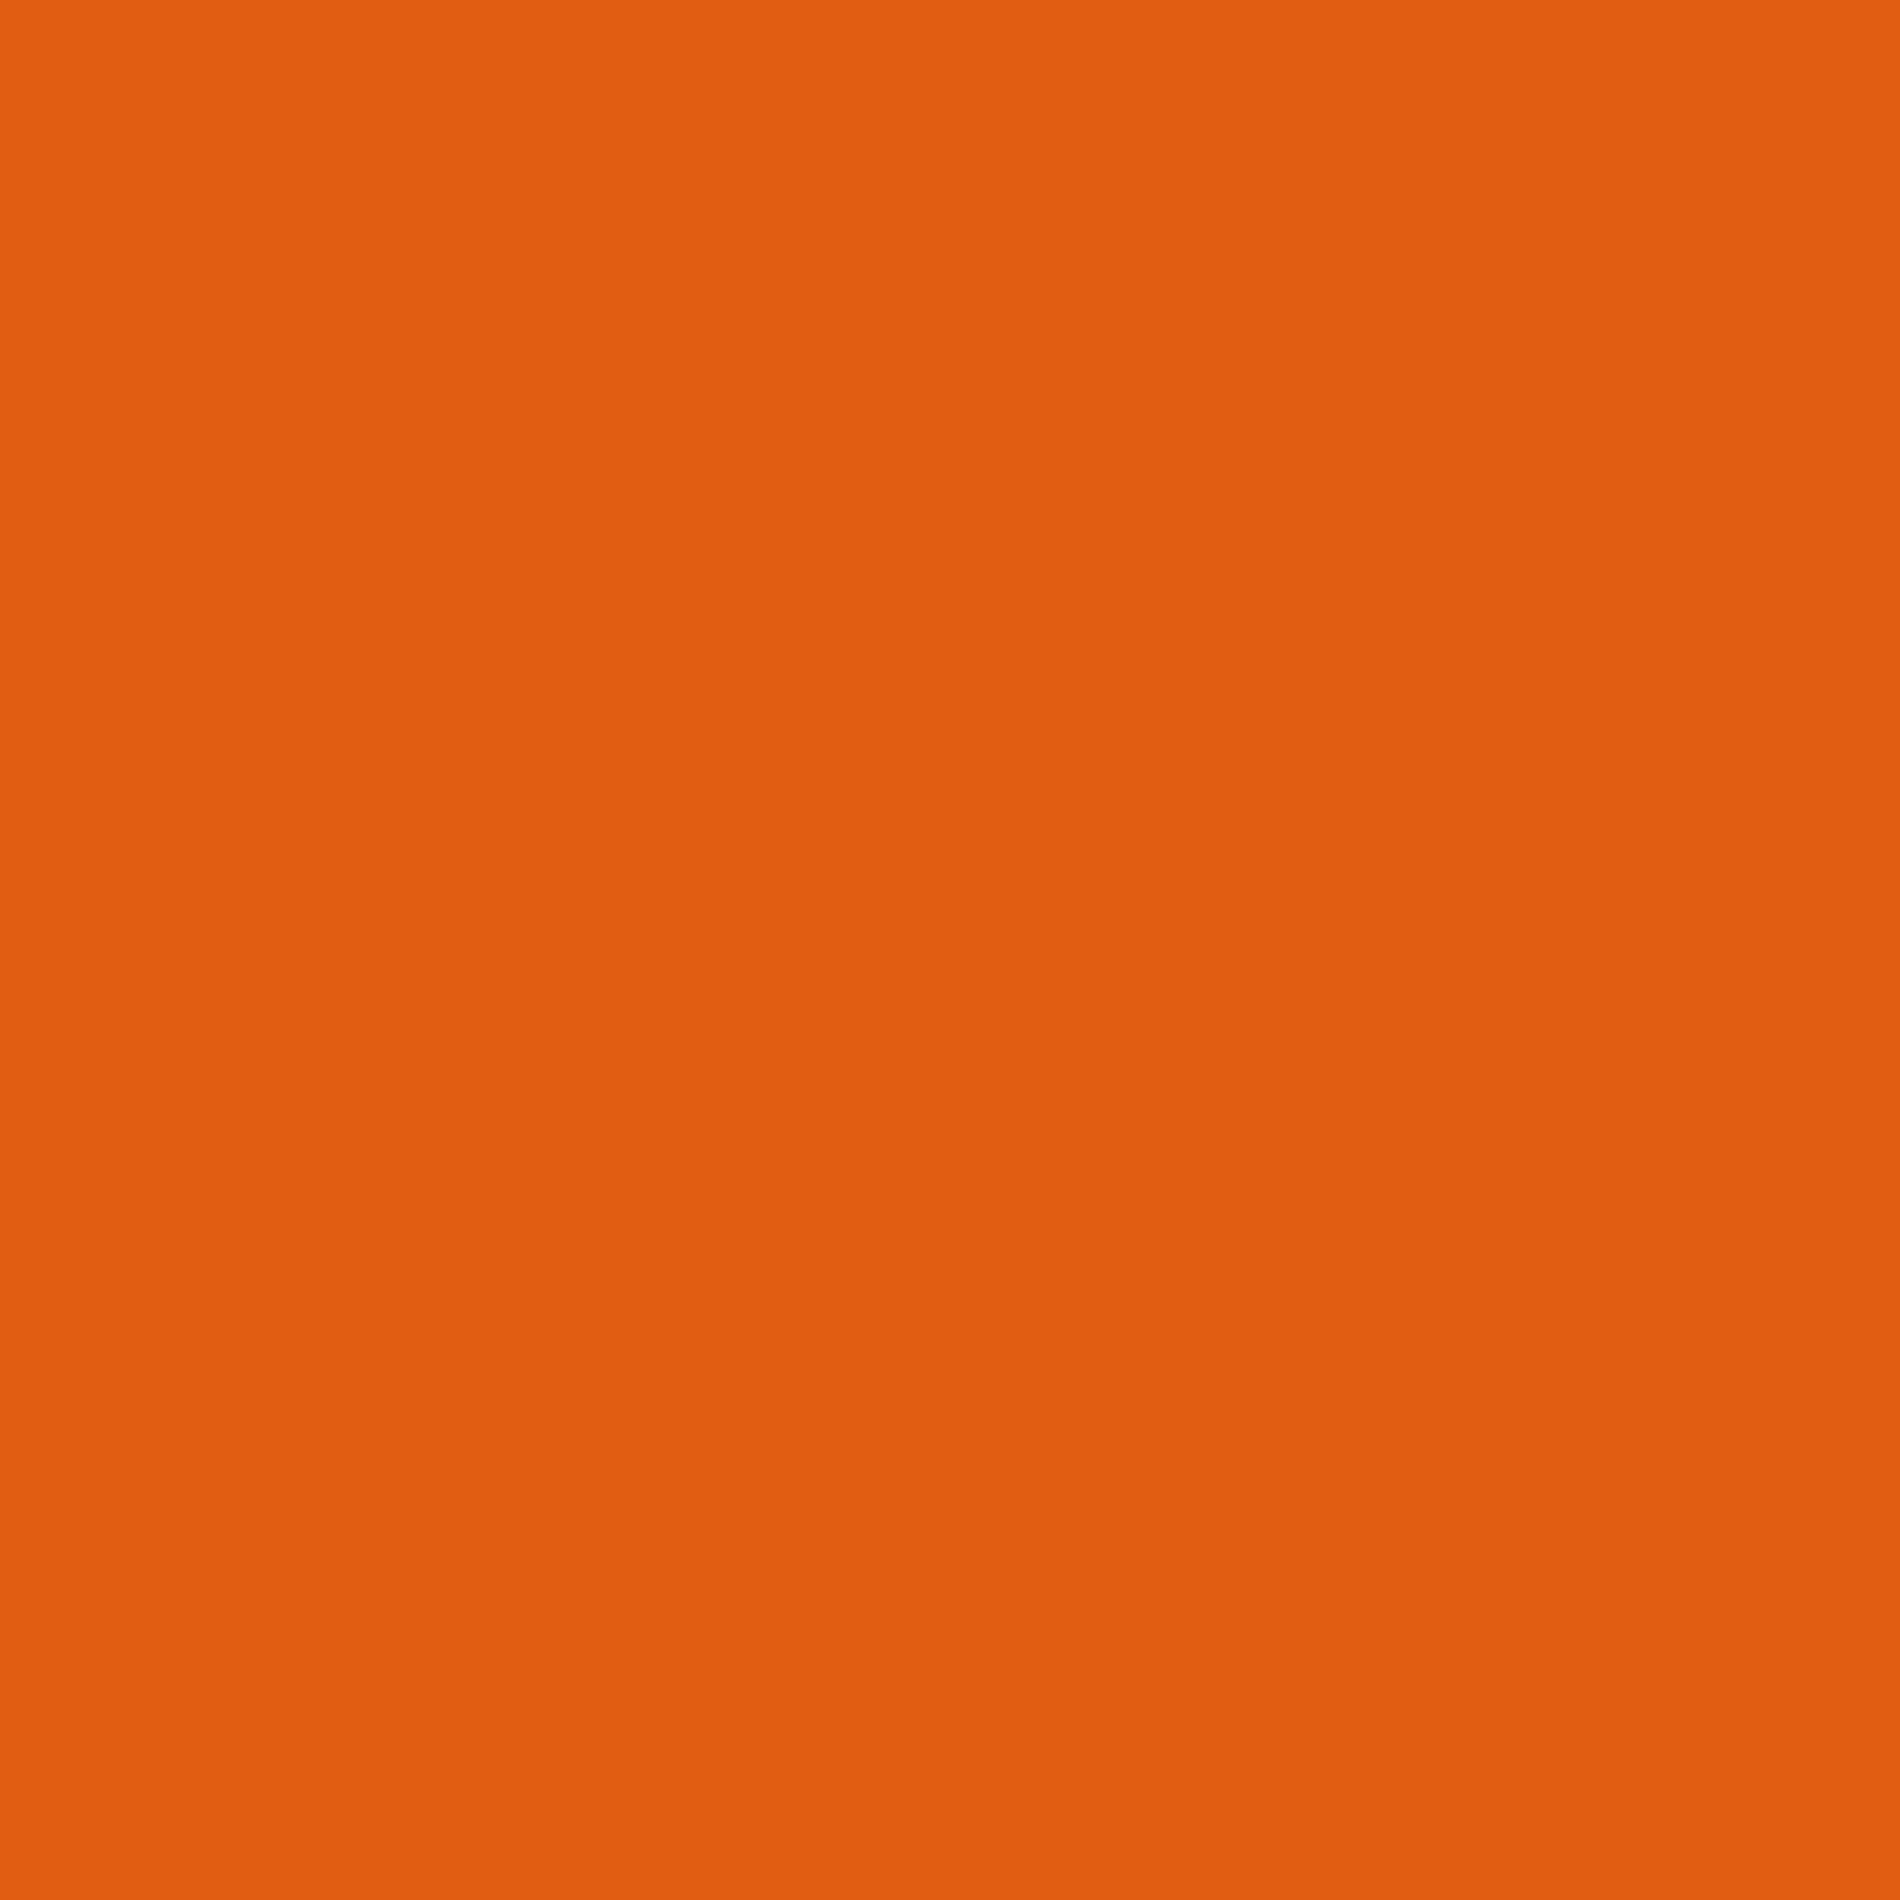 56 - orange